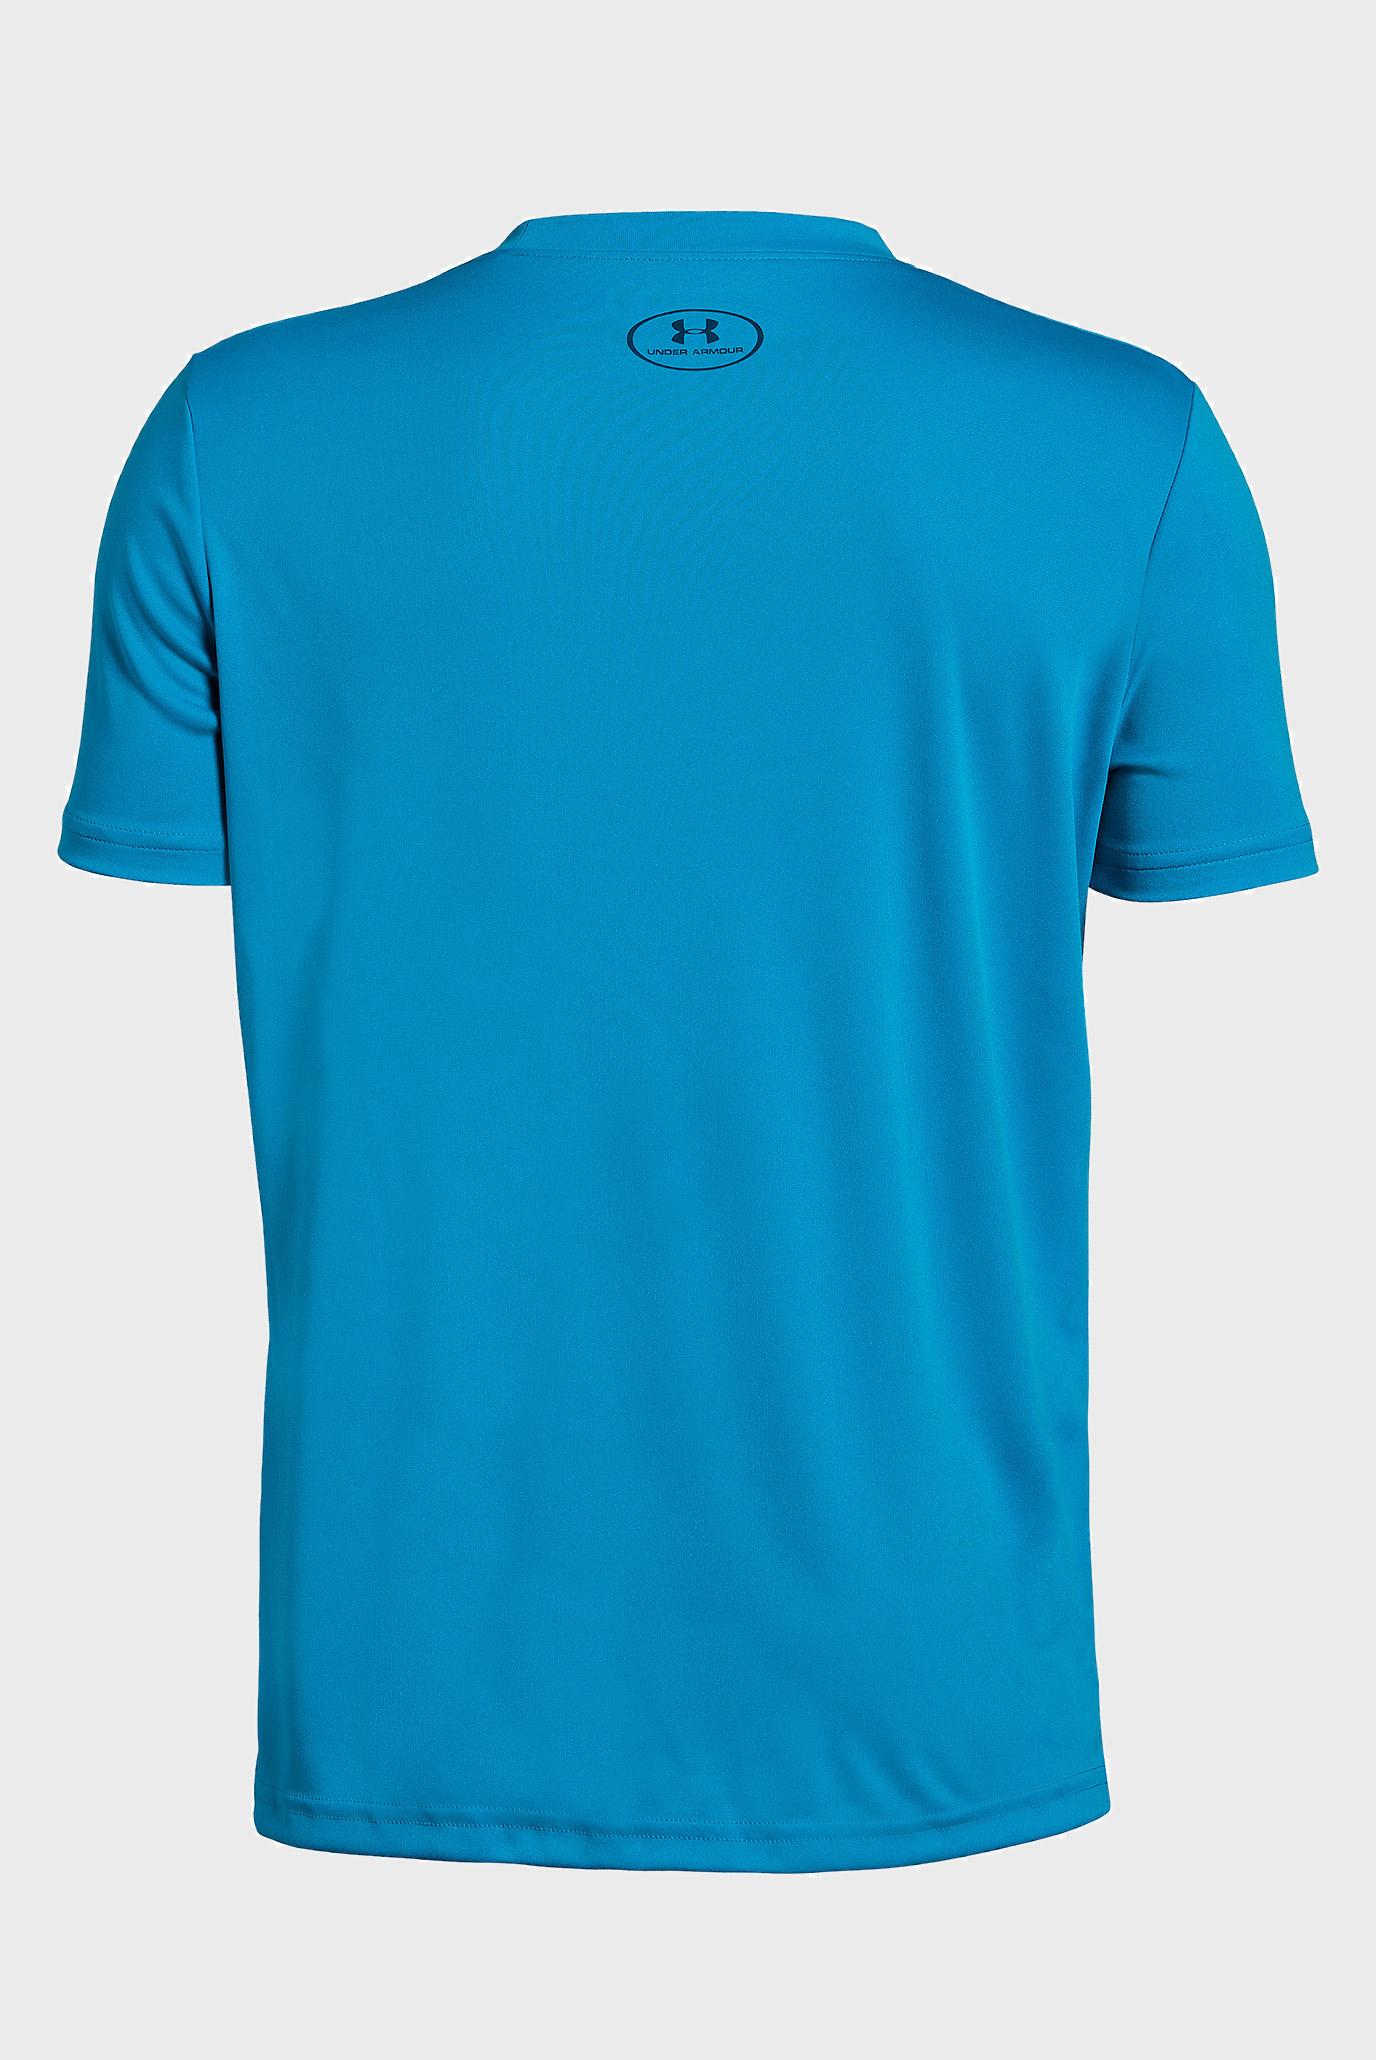 Купить Детская синяя футболка с принтом Stepped Wordmark SS Under Armour Under Armour 1330906-452 – Киев, Украина. Цены в интернет магазине MD Fashion